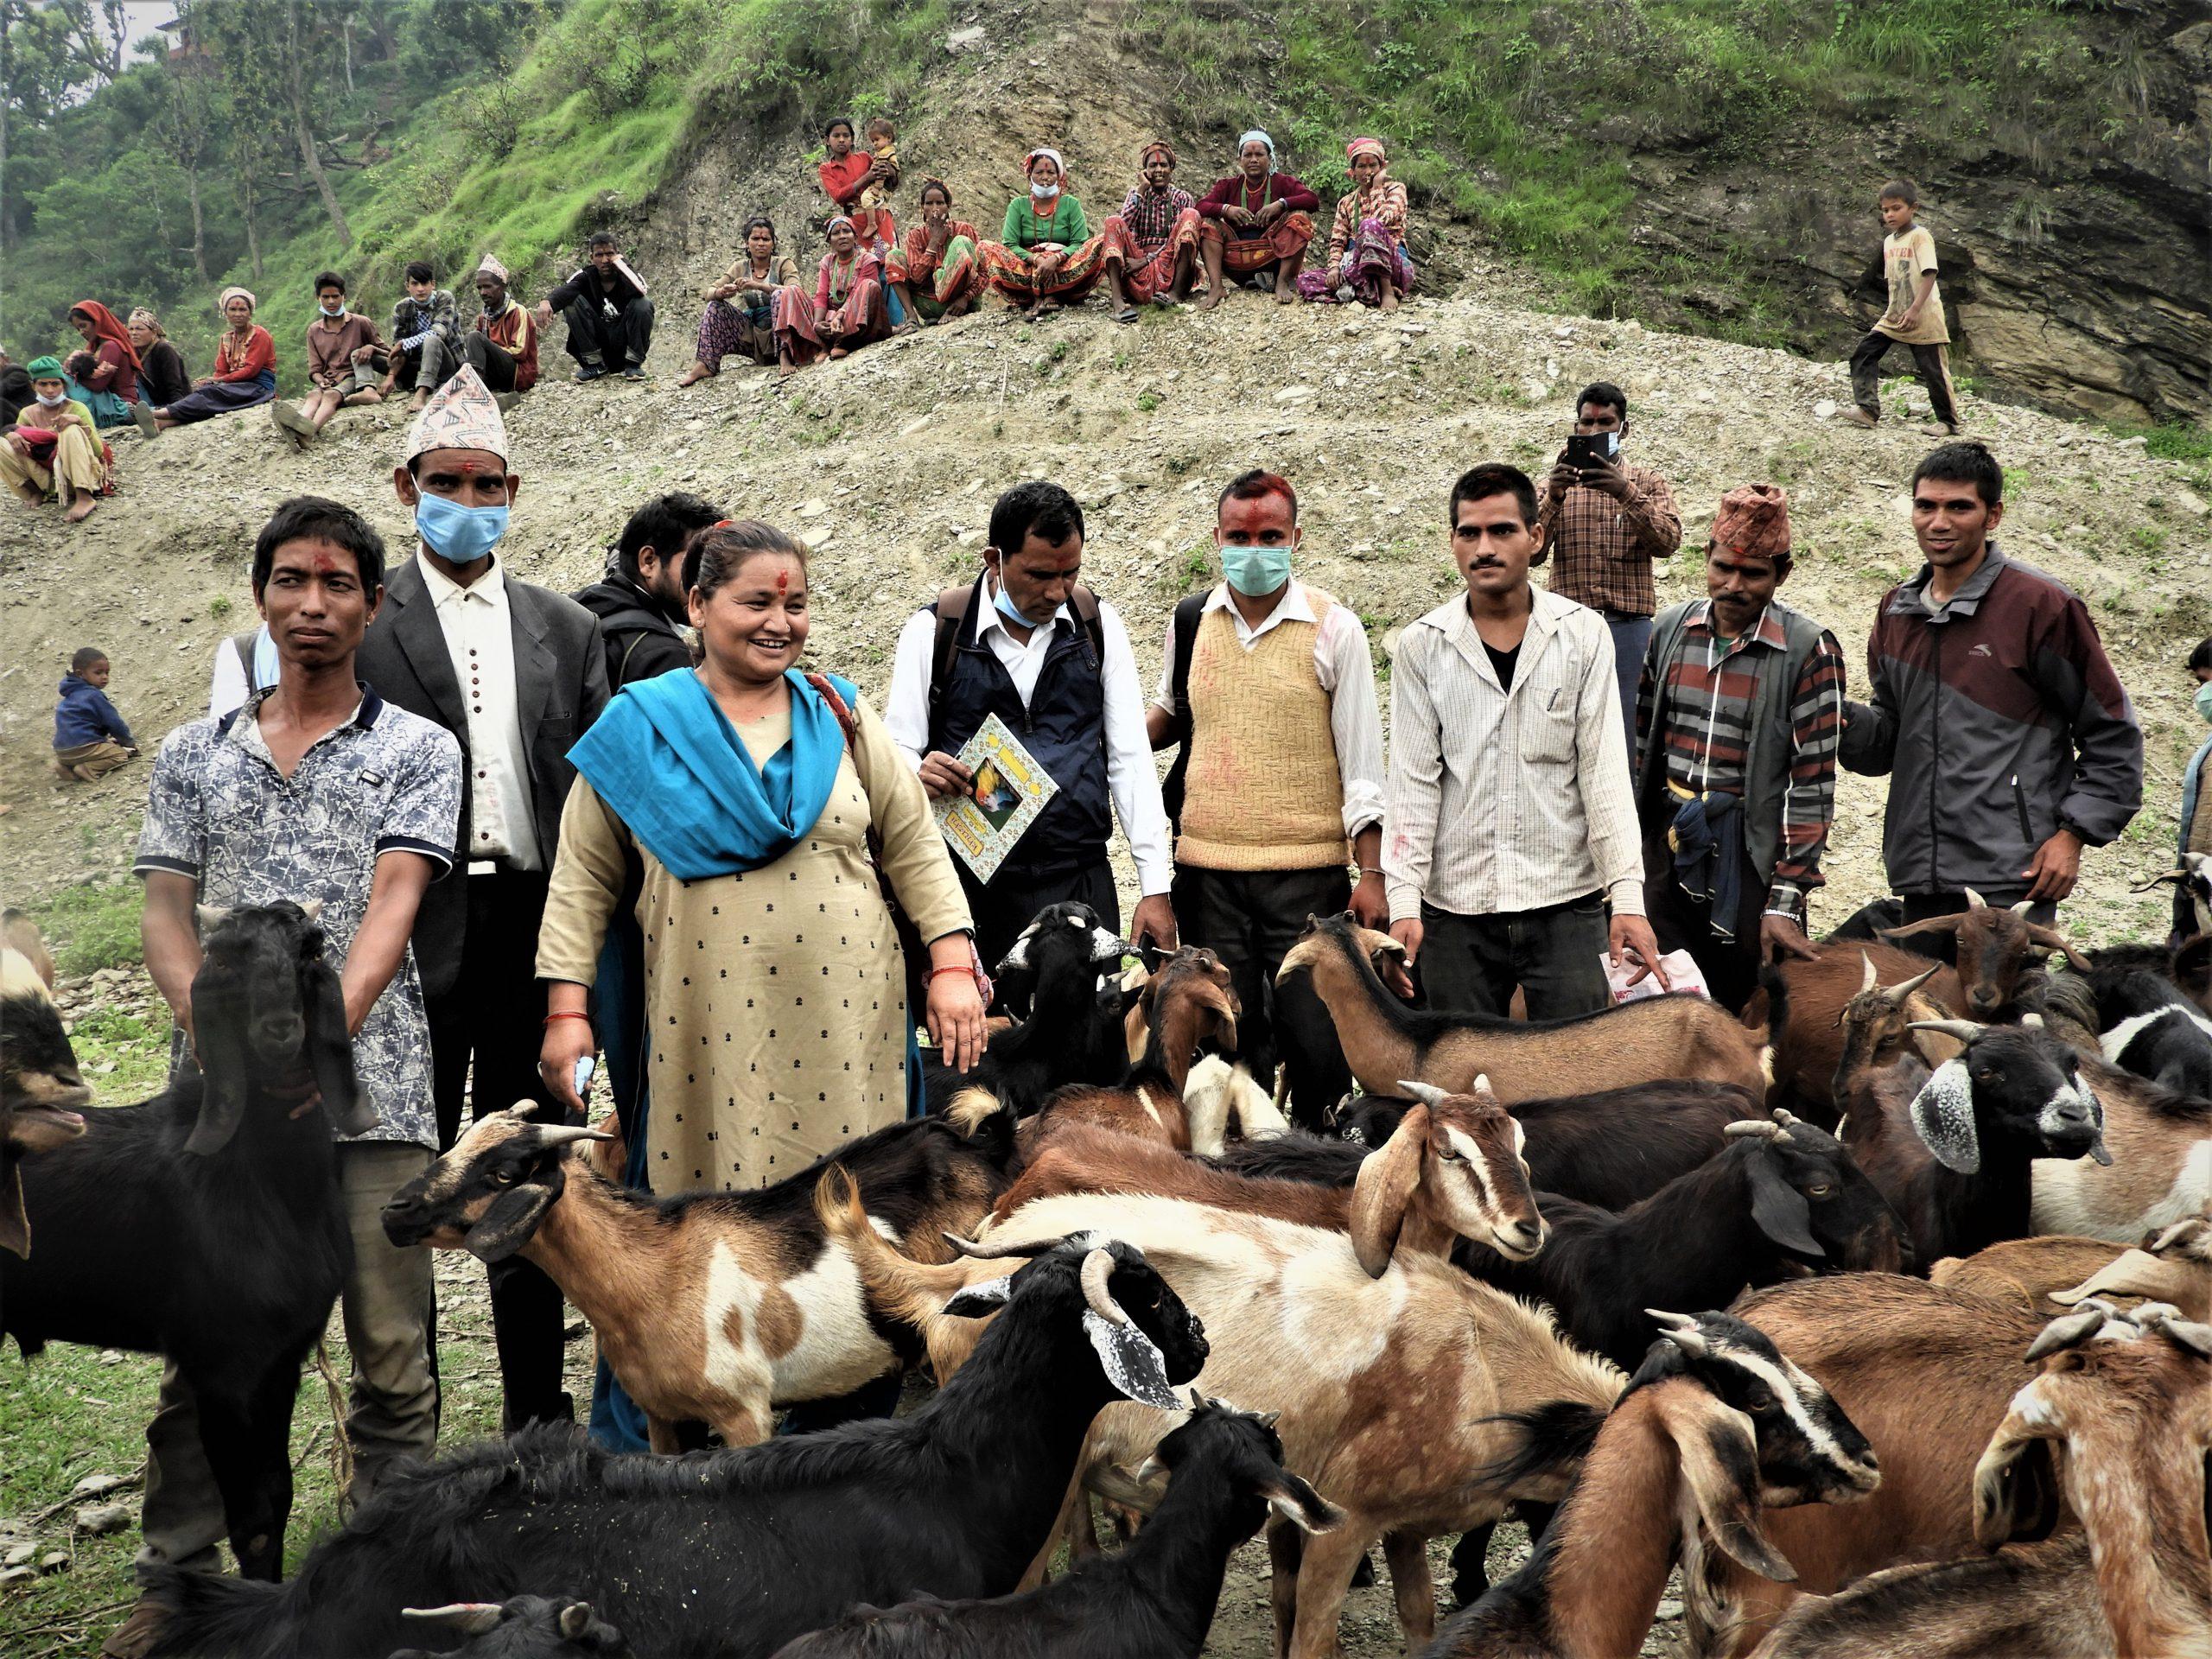 गरिव तथा विपन्न दलित समुदायलाई जीविकोपार्जनको लागि बाख्रा वितरण गर्दै सांसद खत्री ( फोटो फिचर)